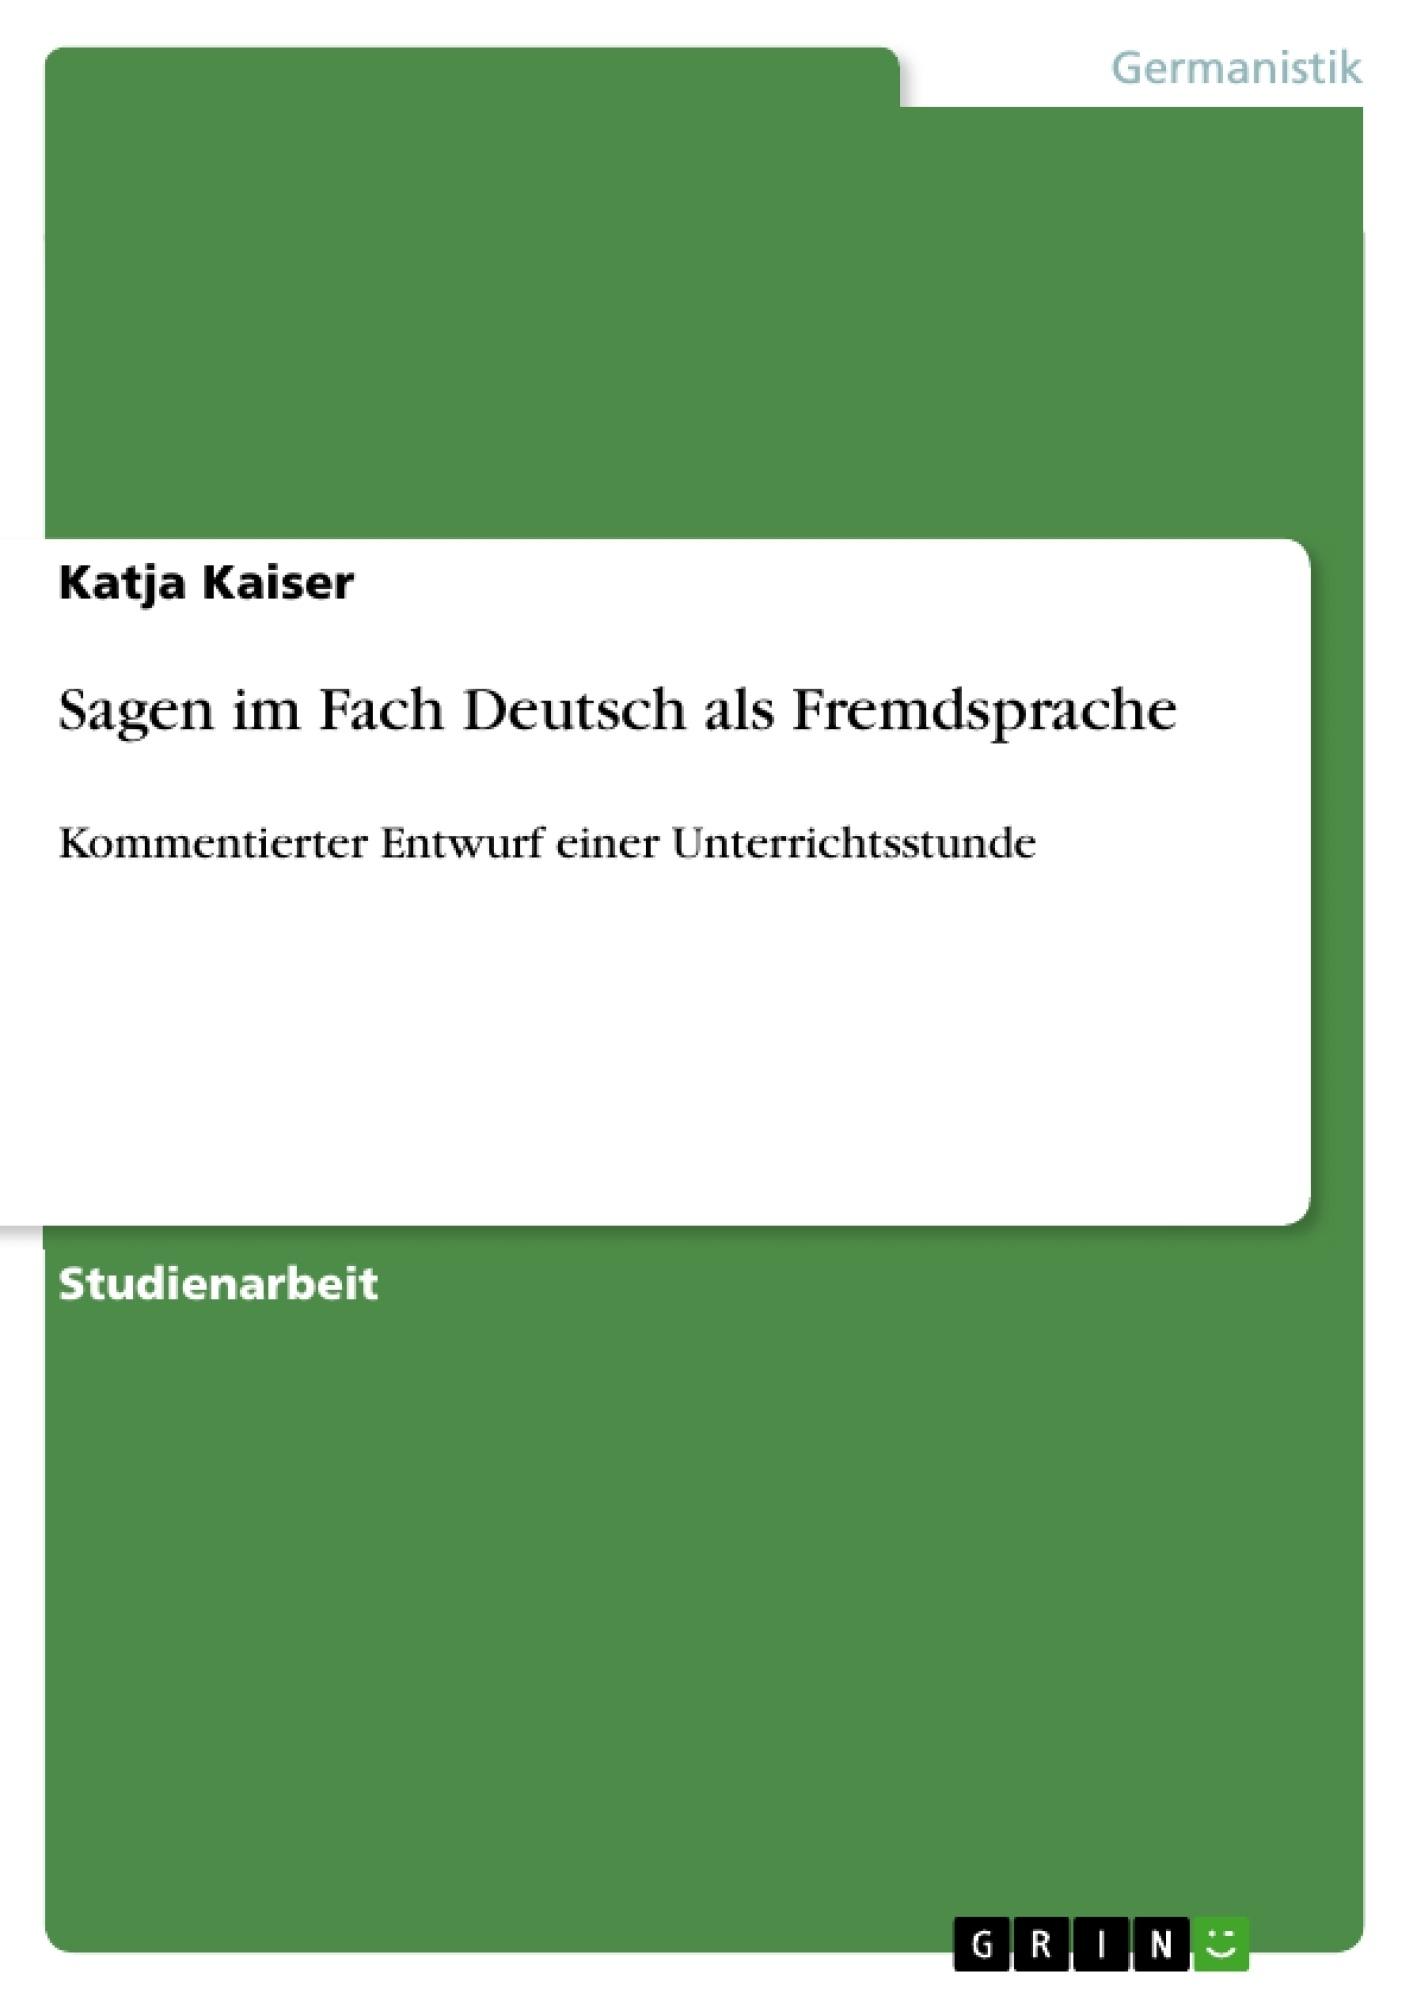 Titel: Sagen im Fach Deutsch als Fremdsprache